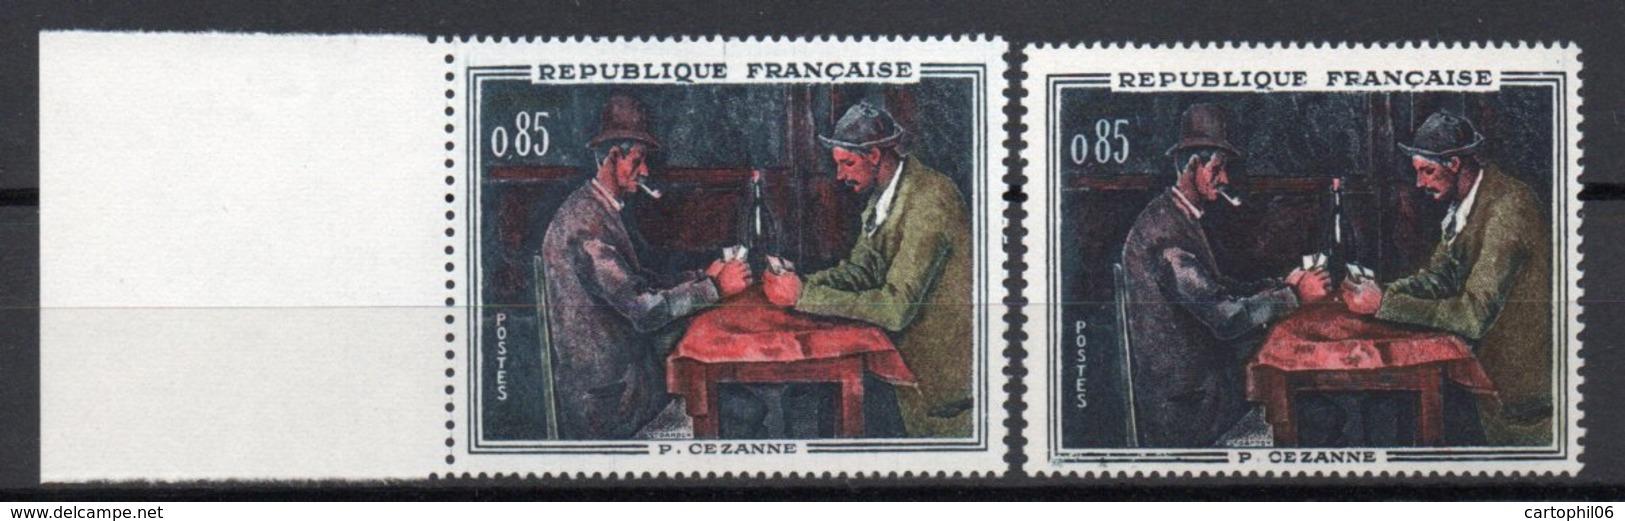 - FRANCE Variété N° 1321f - 85 C. Cézanne 1961 - CHIFFRES BLANCS - Signé CALVES - Cote 38 EUR - - Errors & Oddities